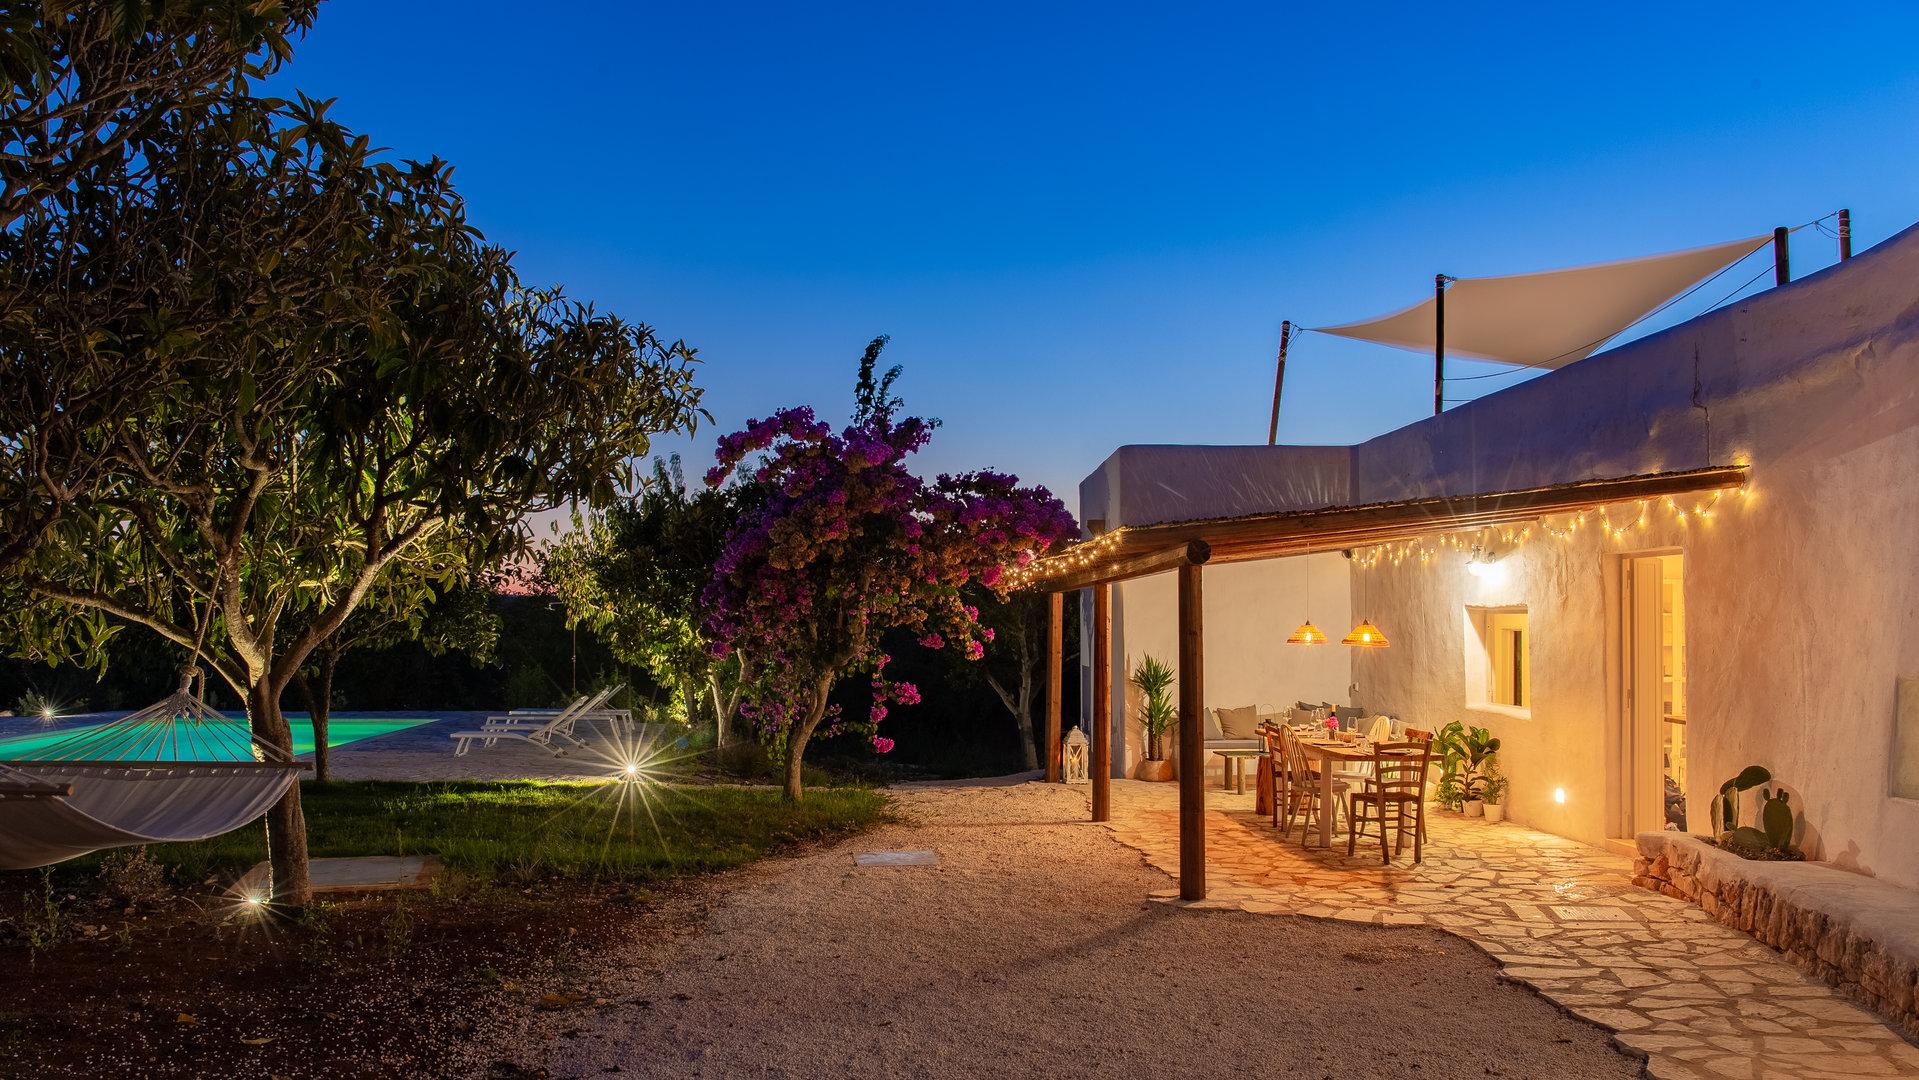 Villa a Ostuni, 4 camere, piscina e giardino